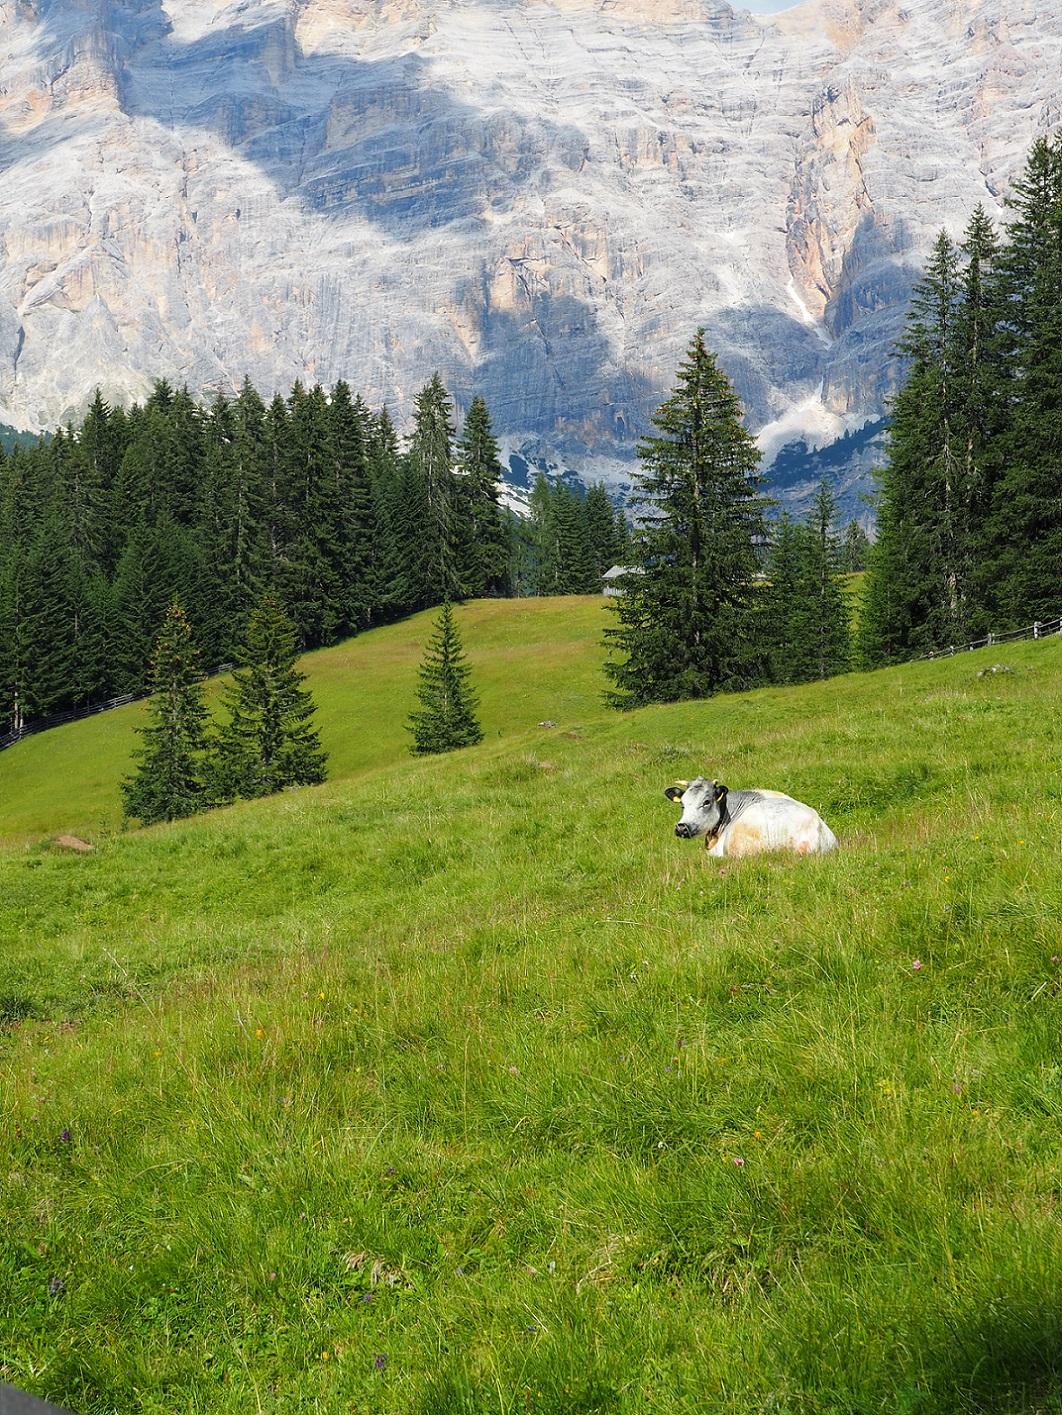 Découvrez 3 idées de randonnées dans les Dolomites, depuis Corvara in Badia et Colfosco